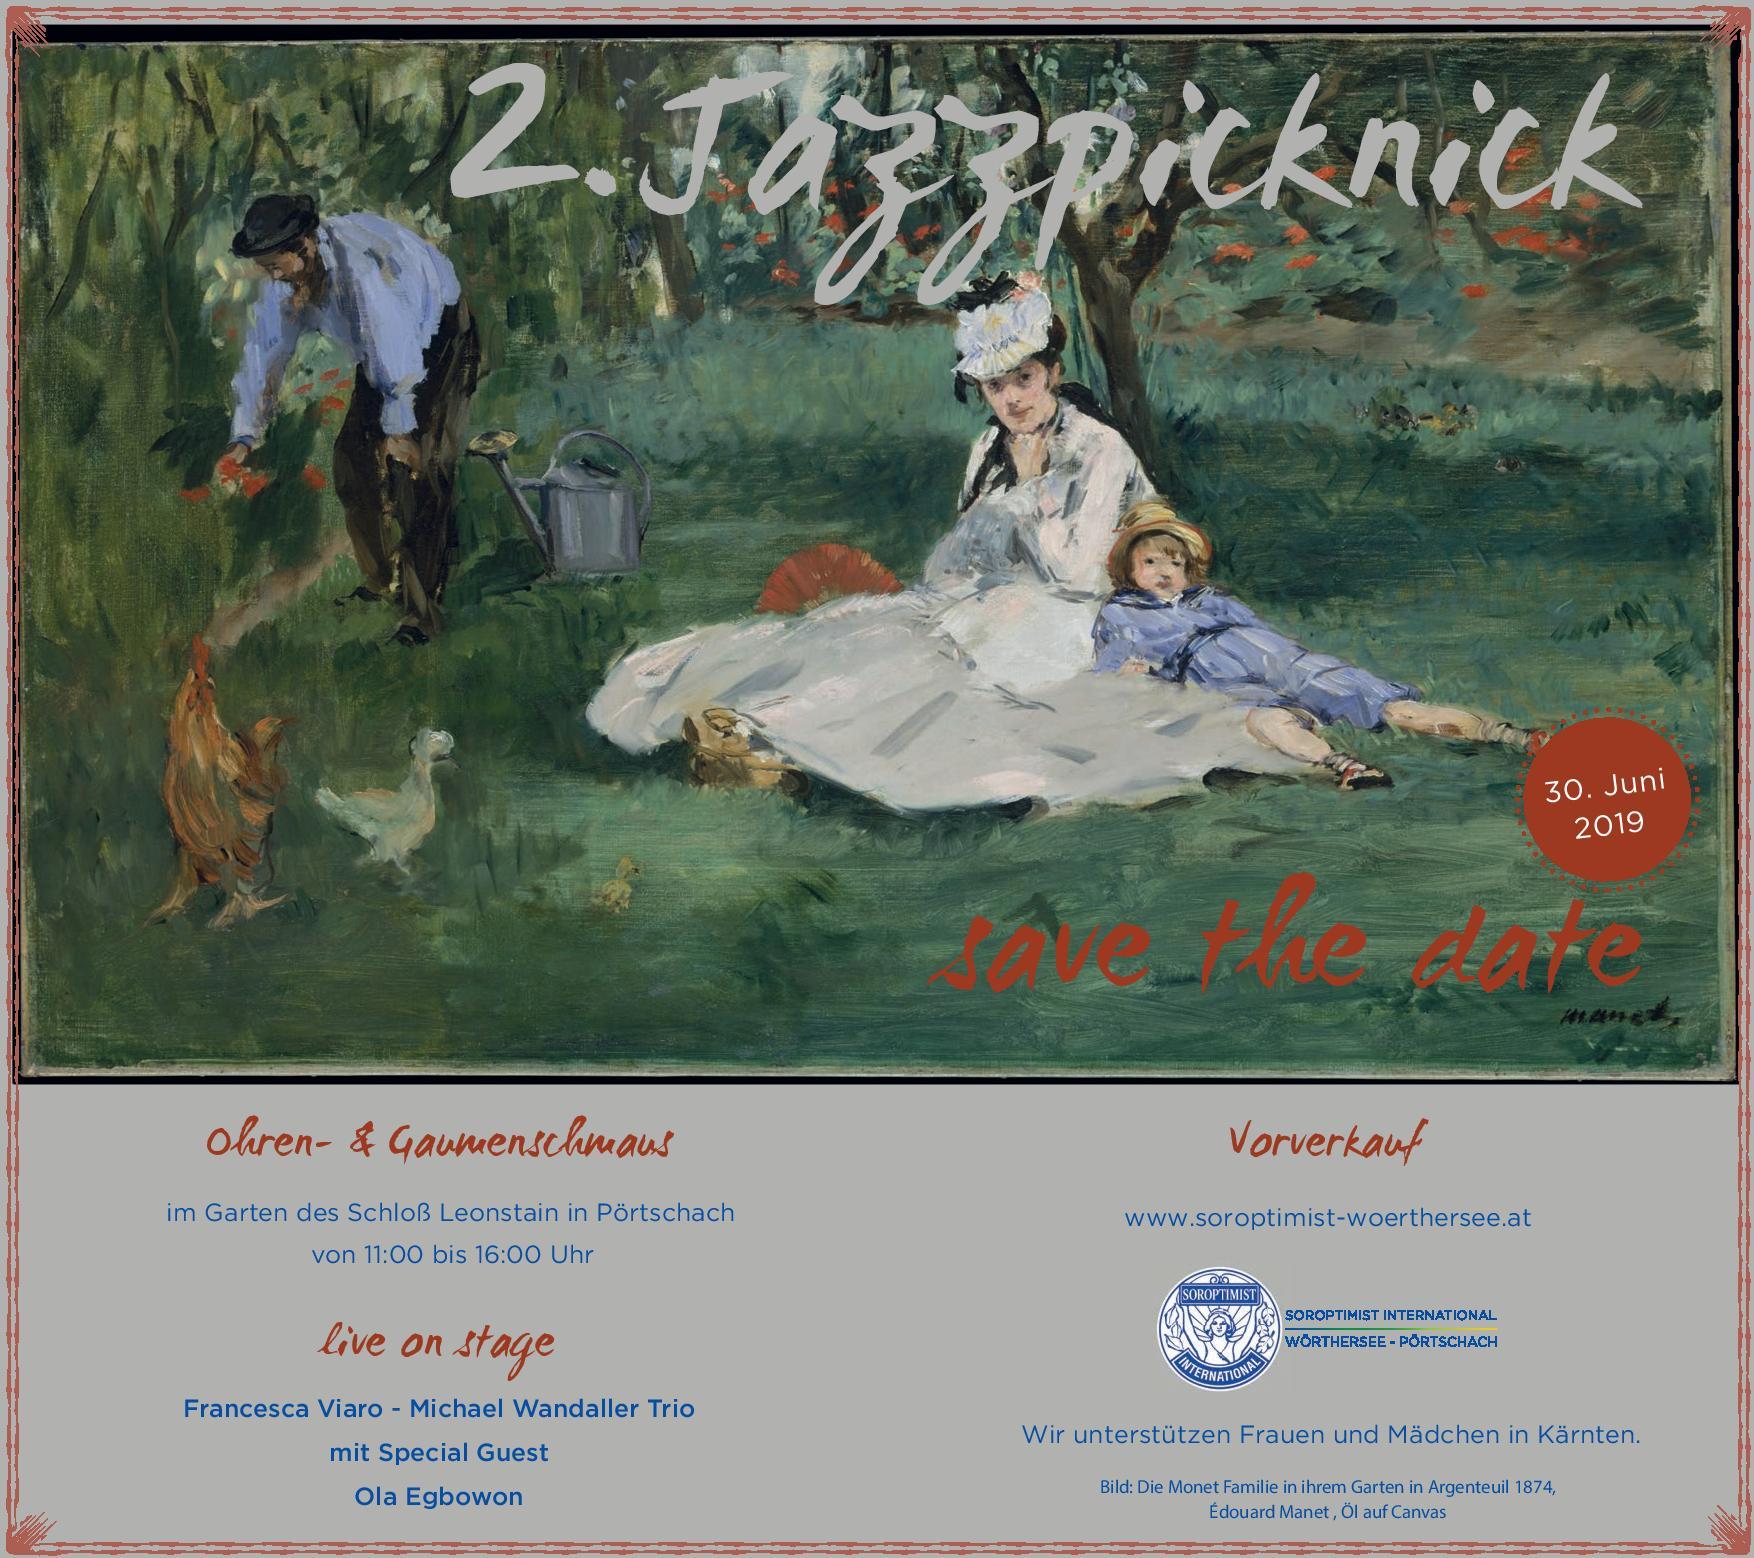 jazzpicknick 2019 si club wörthersee pörtschach